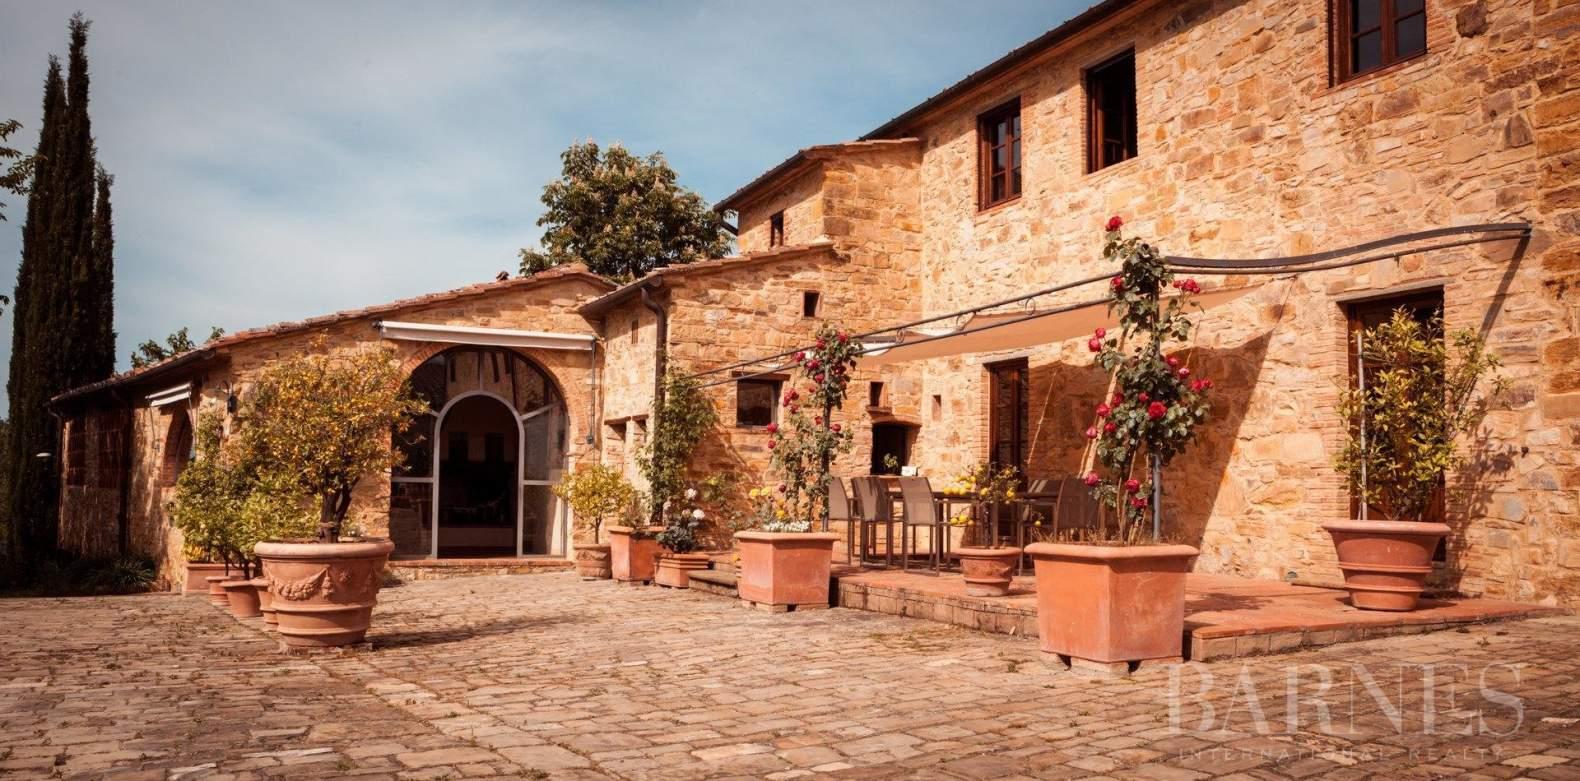 Barberino Tavarnelle  - Villa 10 Pièces 9 Chambres - picture 2